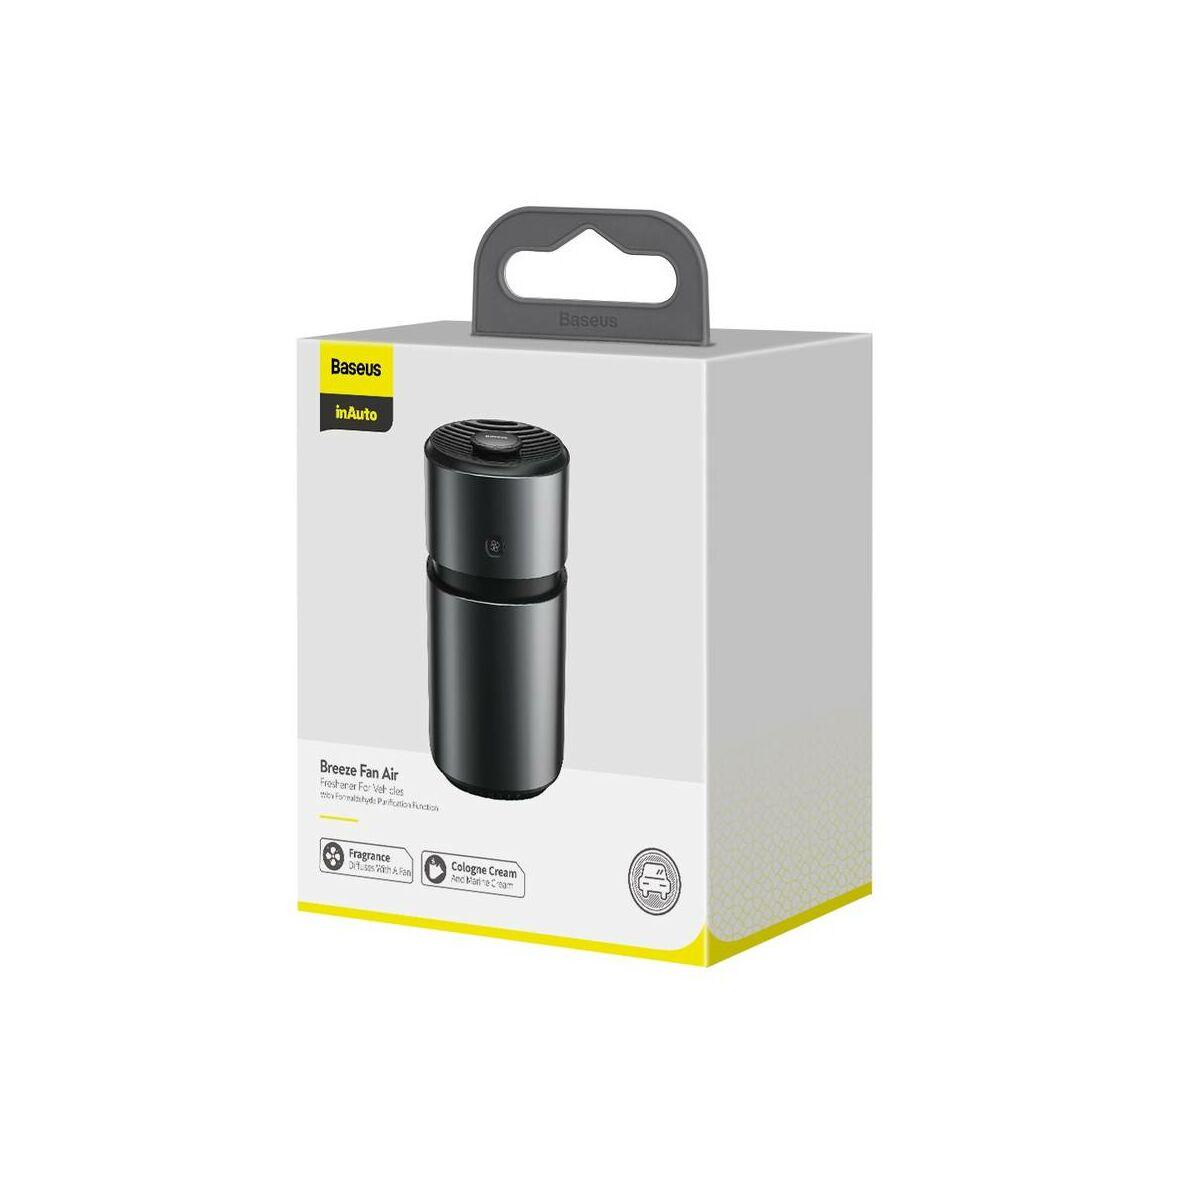 Baseus illatosító autóba, ventilátoros légfrissítő (with Formaldehides tisztító funkcióval) fekete (SUXUN-WF01)